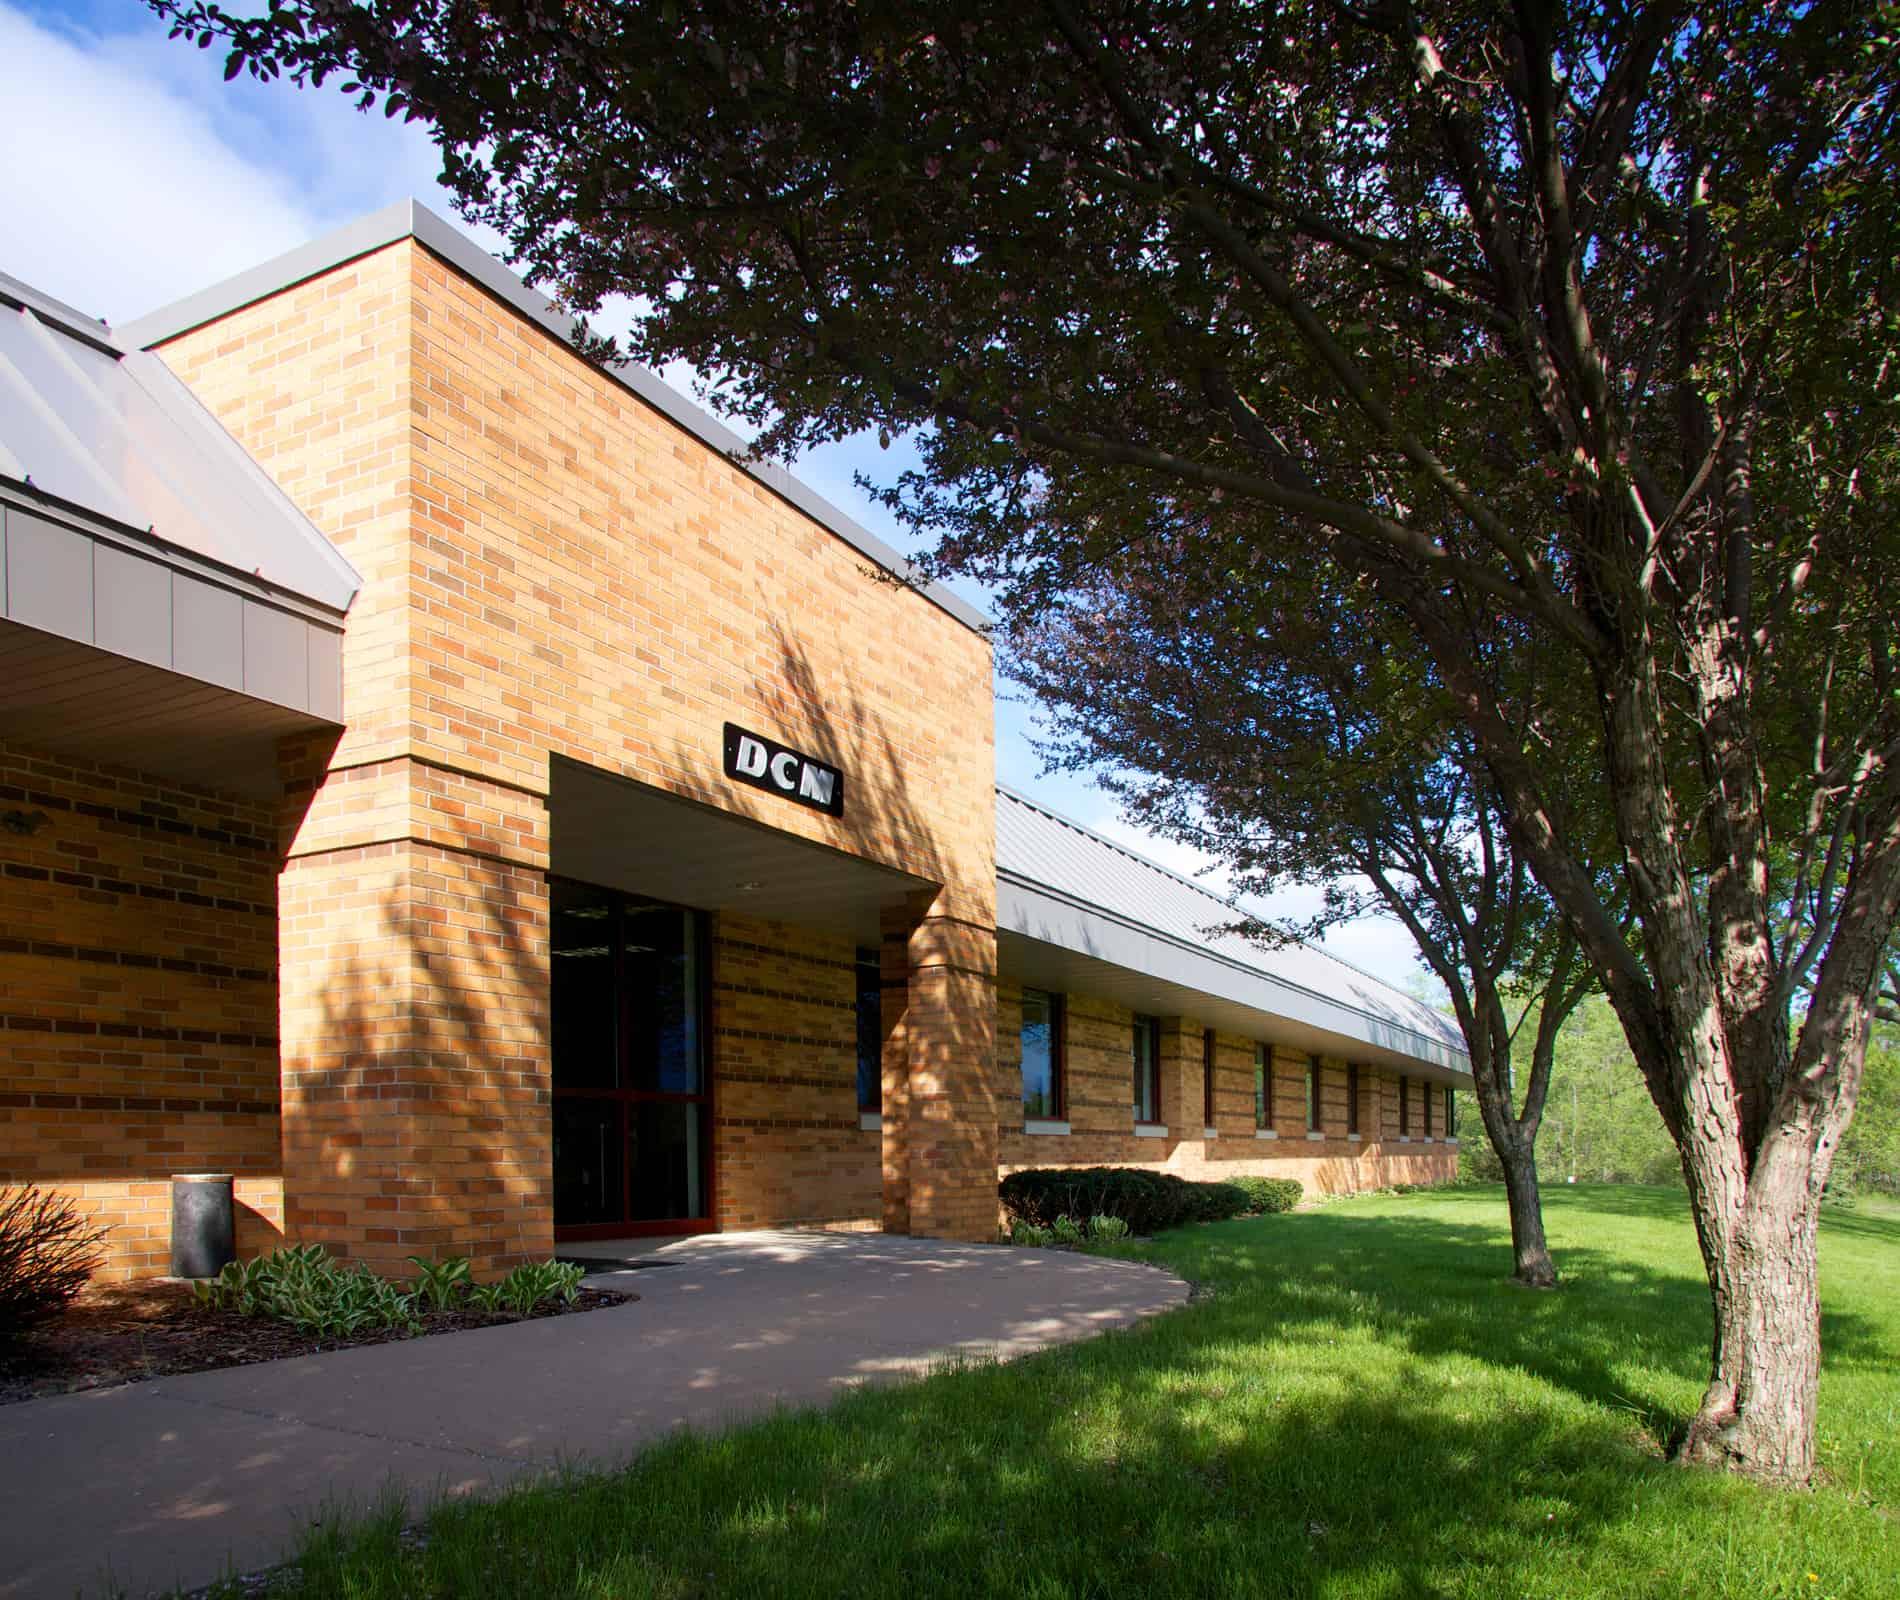 DCM Tech exterior